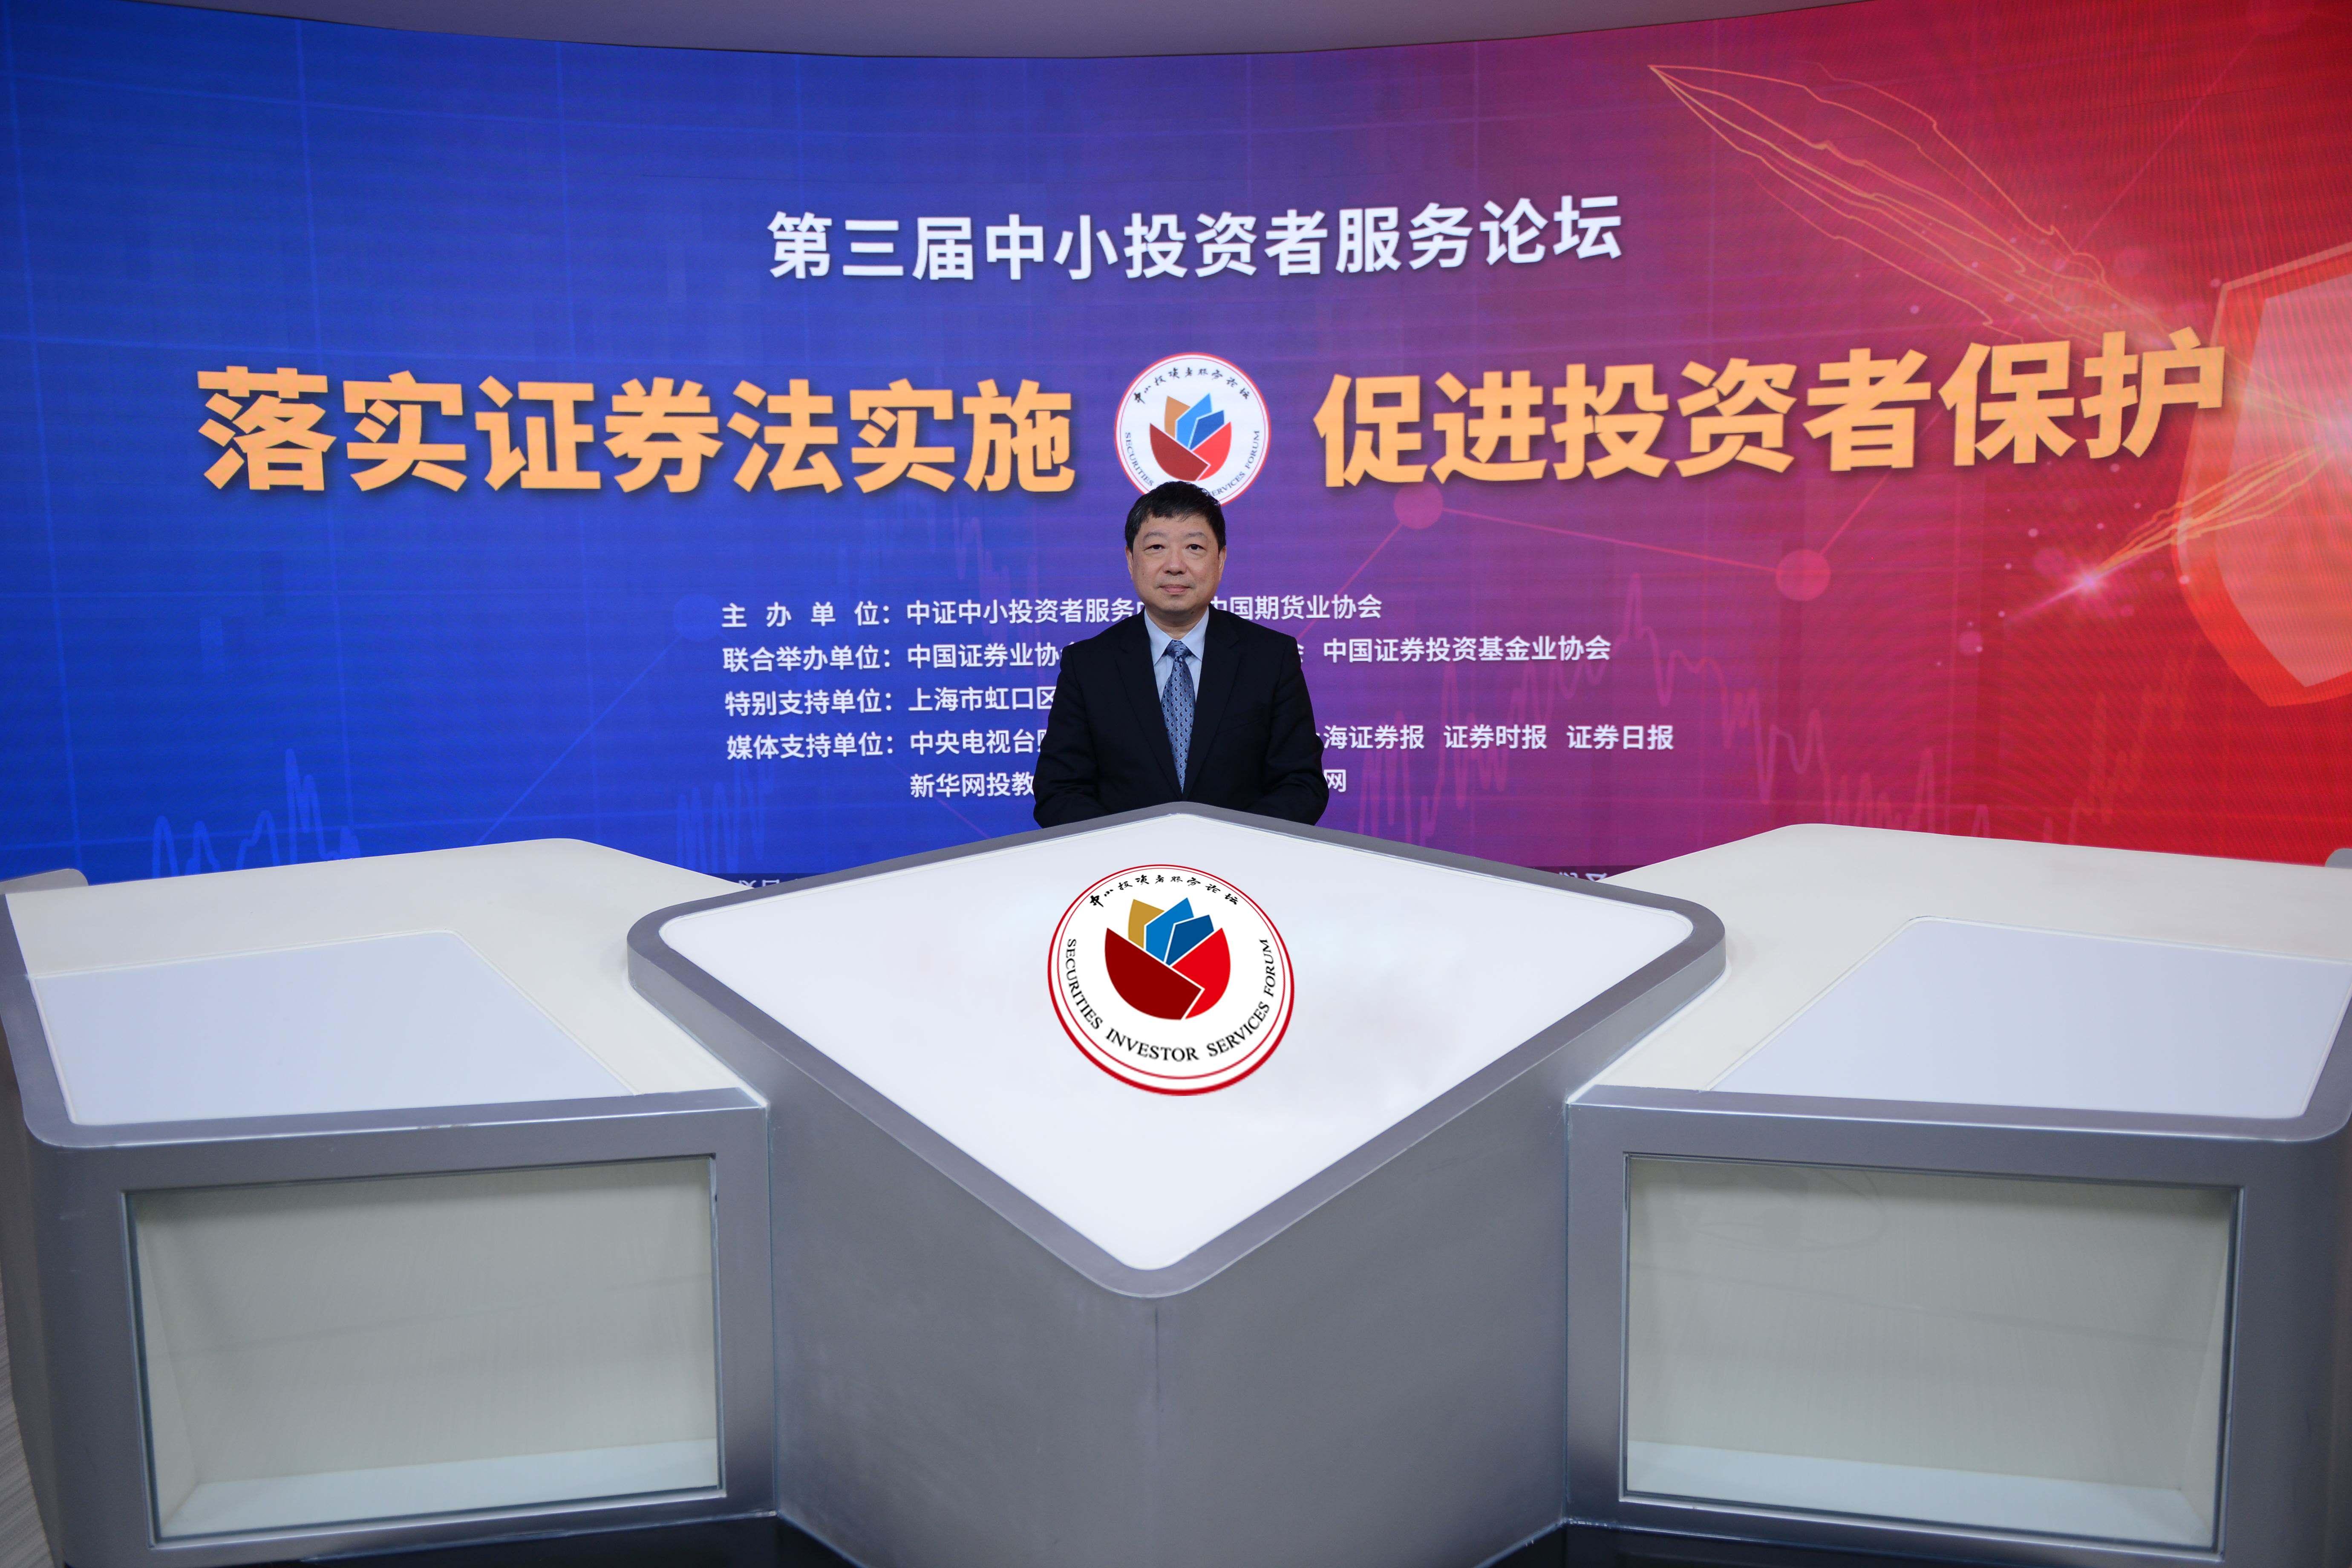 中国期货业协会会长洪磊在第三届中小投资者服务论坛上的发言